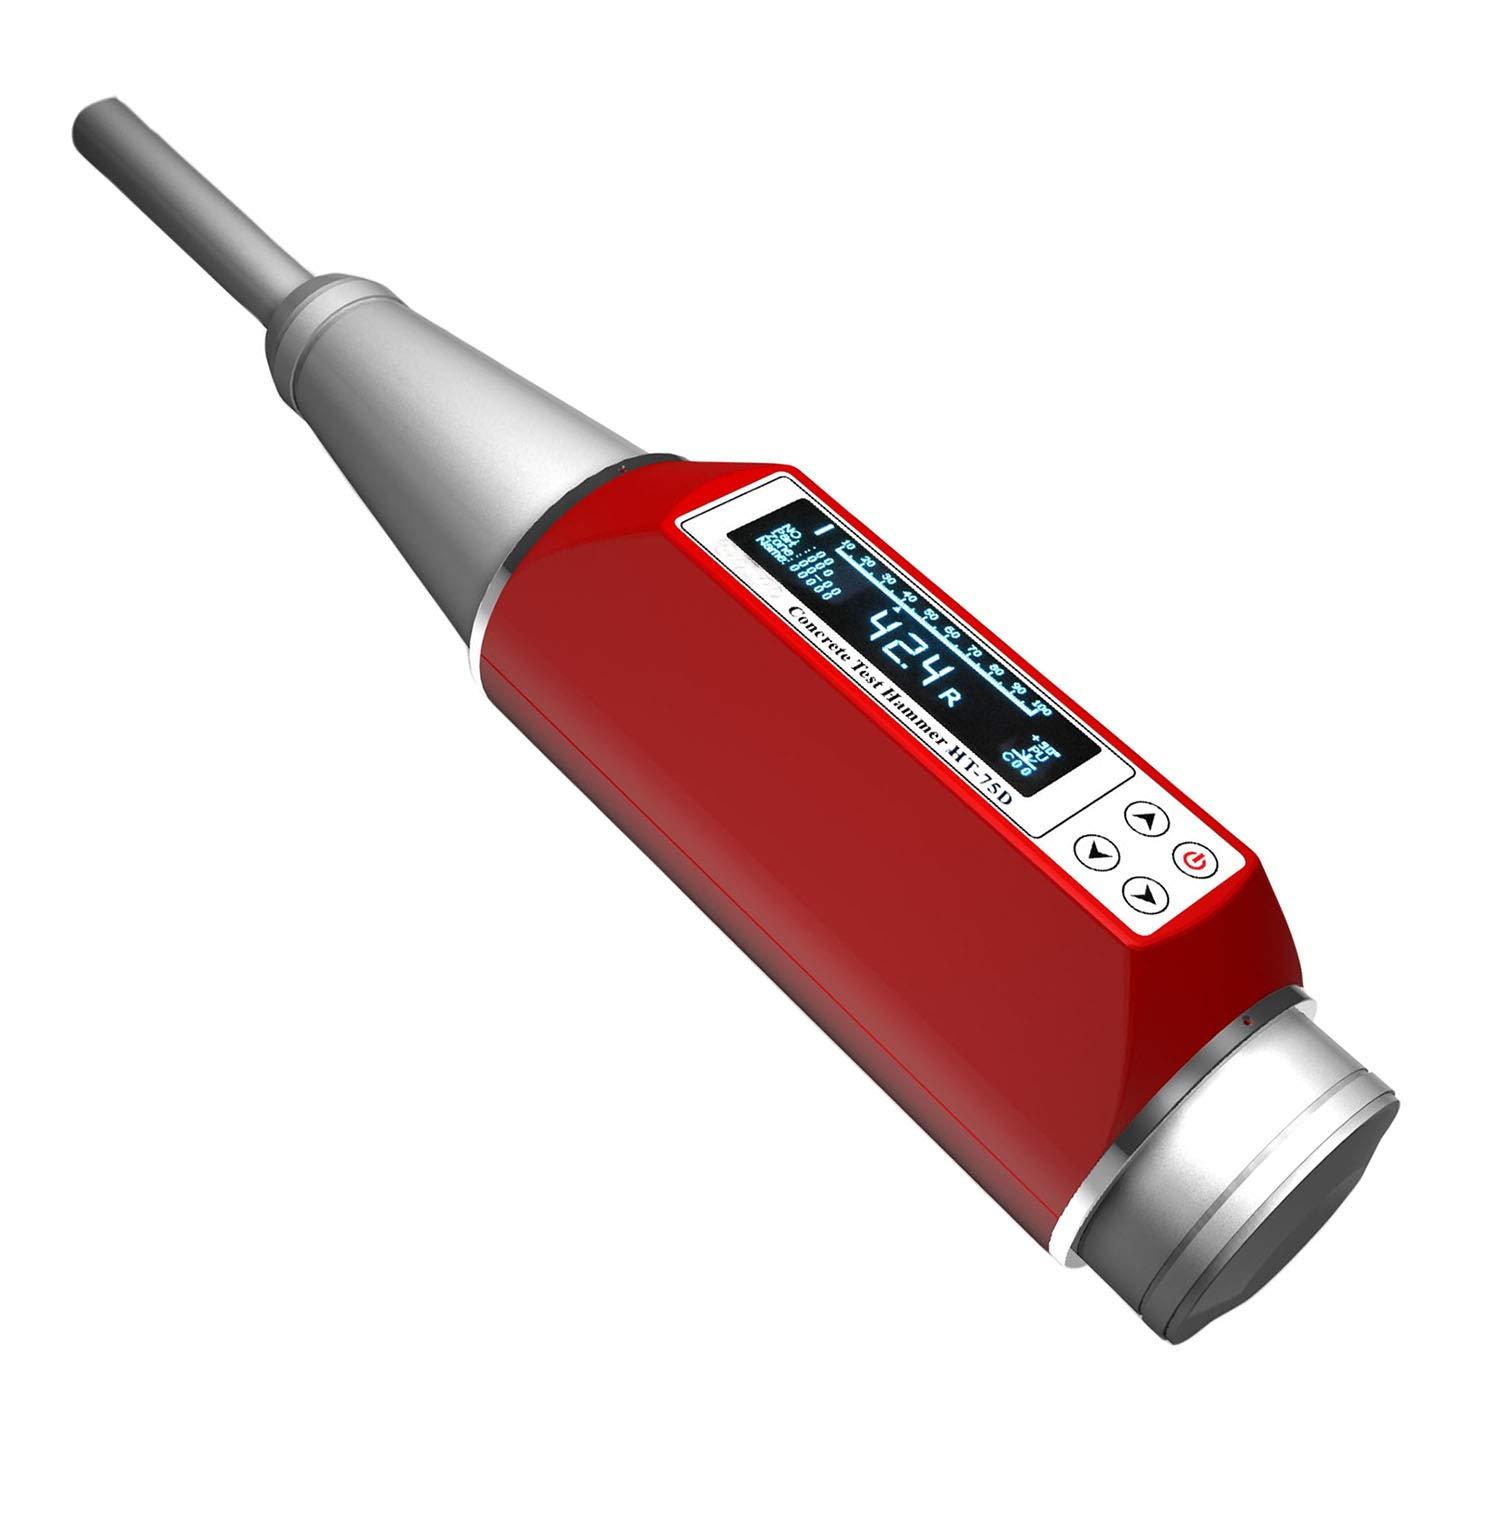 VTSYIQI Digital Brick Rebound Tester Gauge HT-75D Handy Brick Test Hammer Resiliometer OLED Display Measuring range 10 to 70N/mm² USB2.0 Communication 4000 Concrete Structures Data Hold